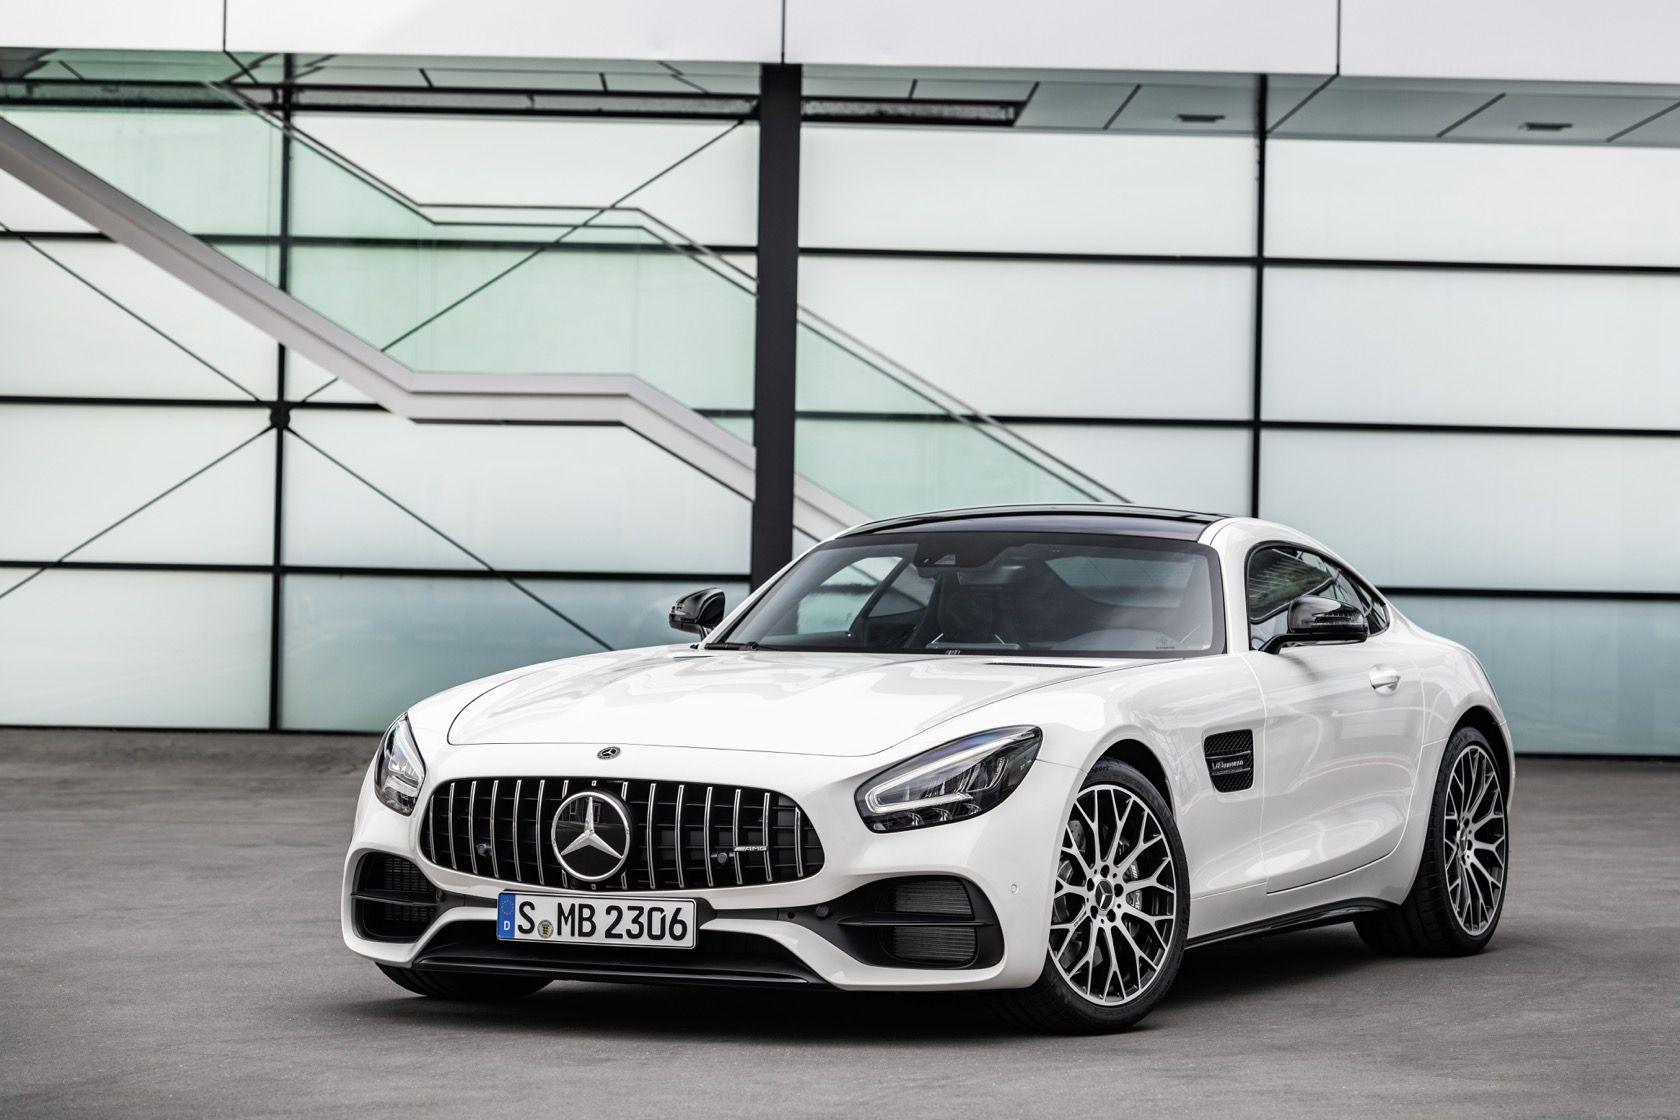 2020 Mercedes Amg Gt R Pro Tops Amg Gt 2 Door Revamp Mercedes Amg Mercedes Benz Amg Amg